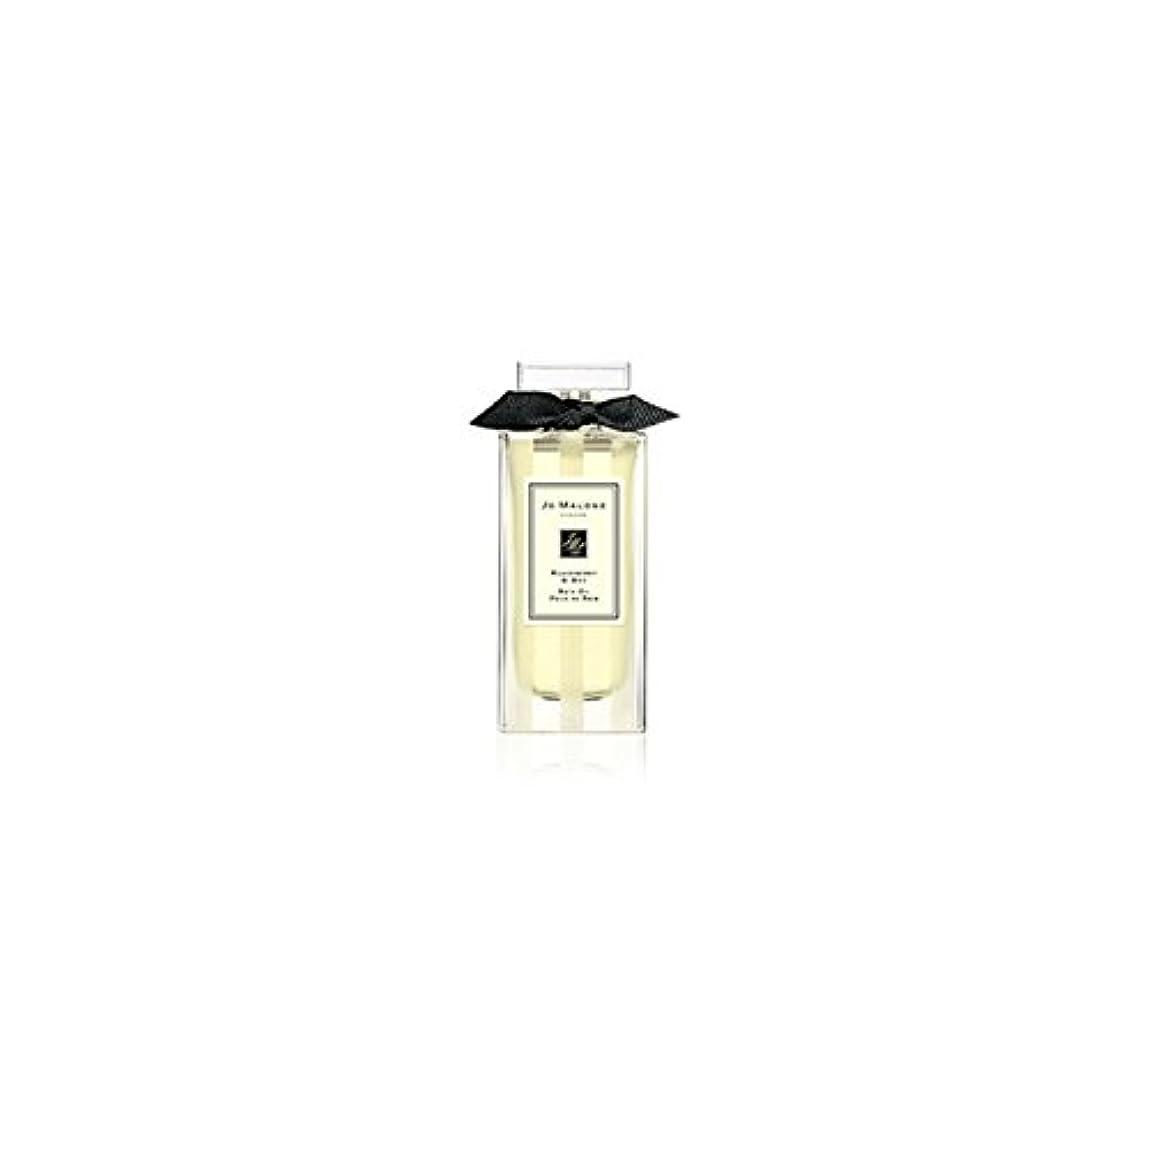 発明スケジュールいつもJo Malone Blackberry & Bay Bath Oil - 30ml (Pack of 6) - ジョーマローンブラックベリー&ベイバスオイル - 30ミリリットル (x6) [並行輸入品]